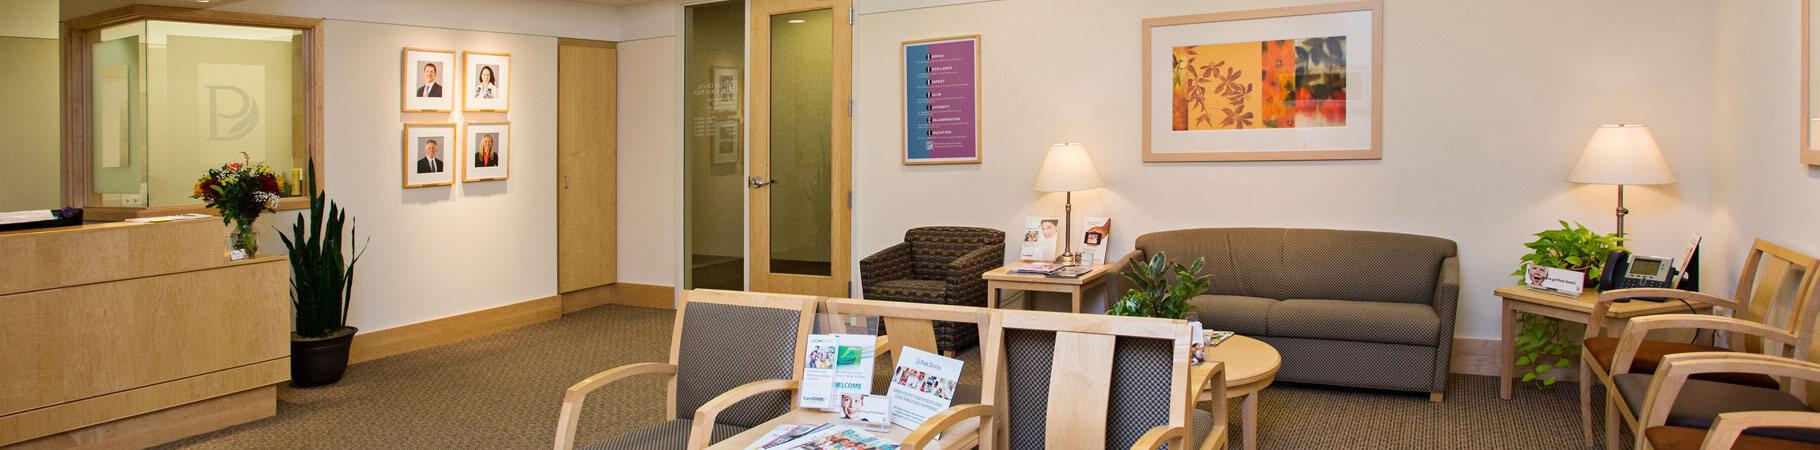 Dentist St  Louis Park, MN - Park Dental St  Louis Park